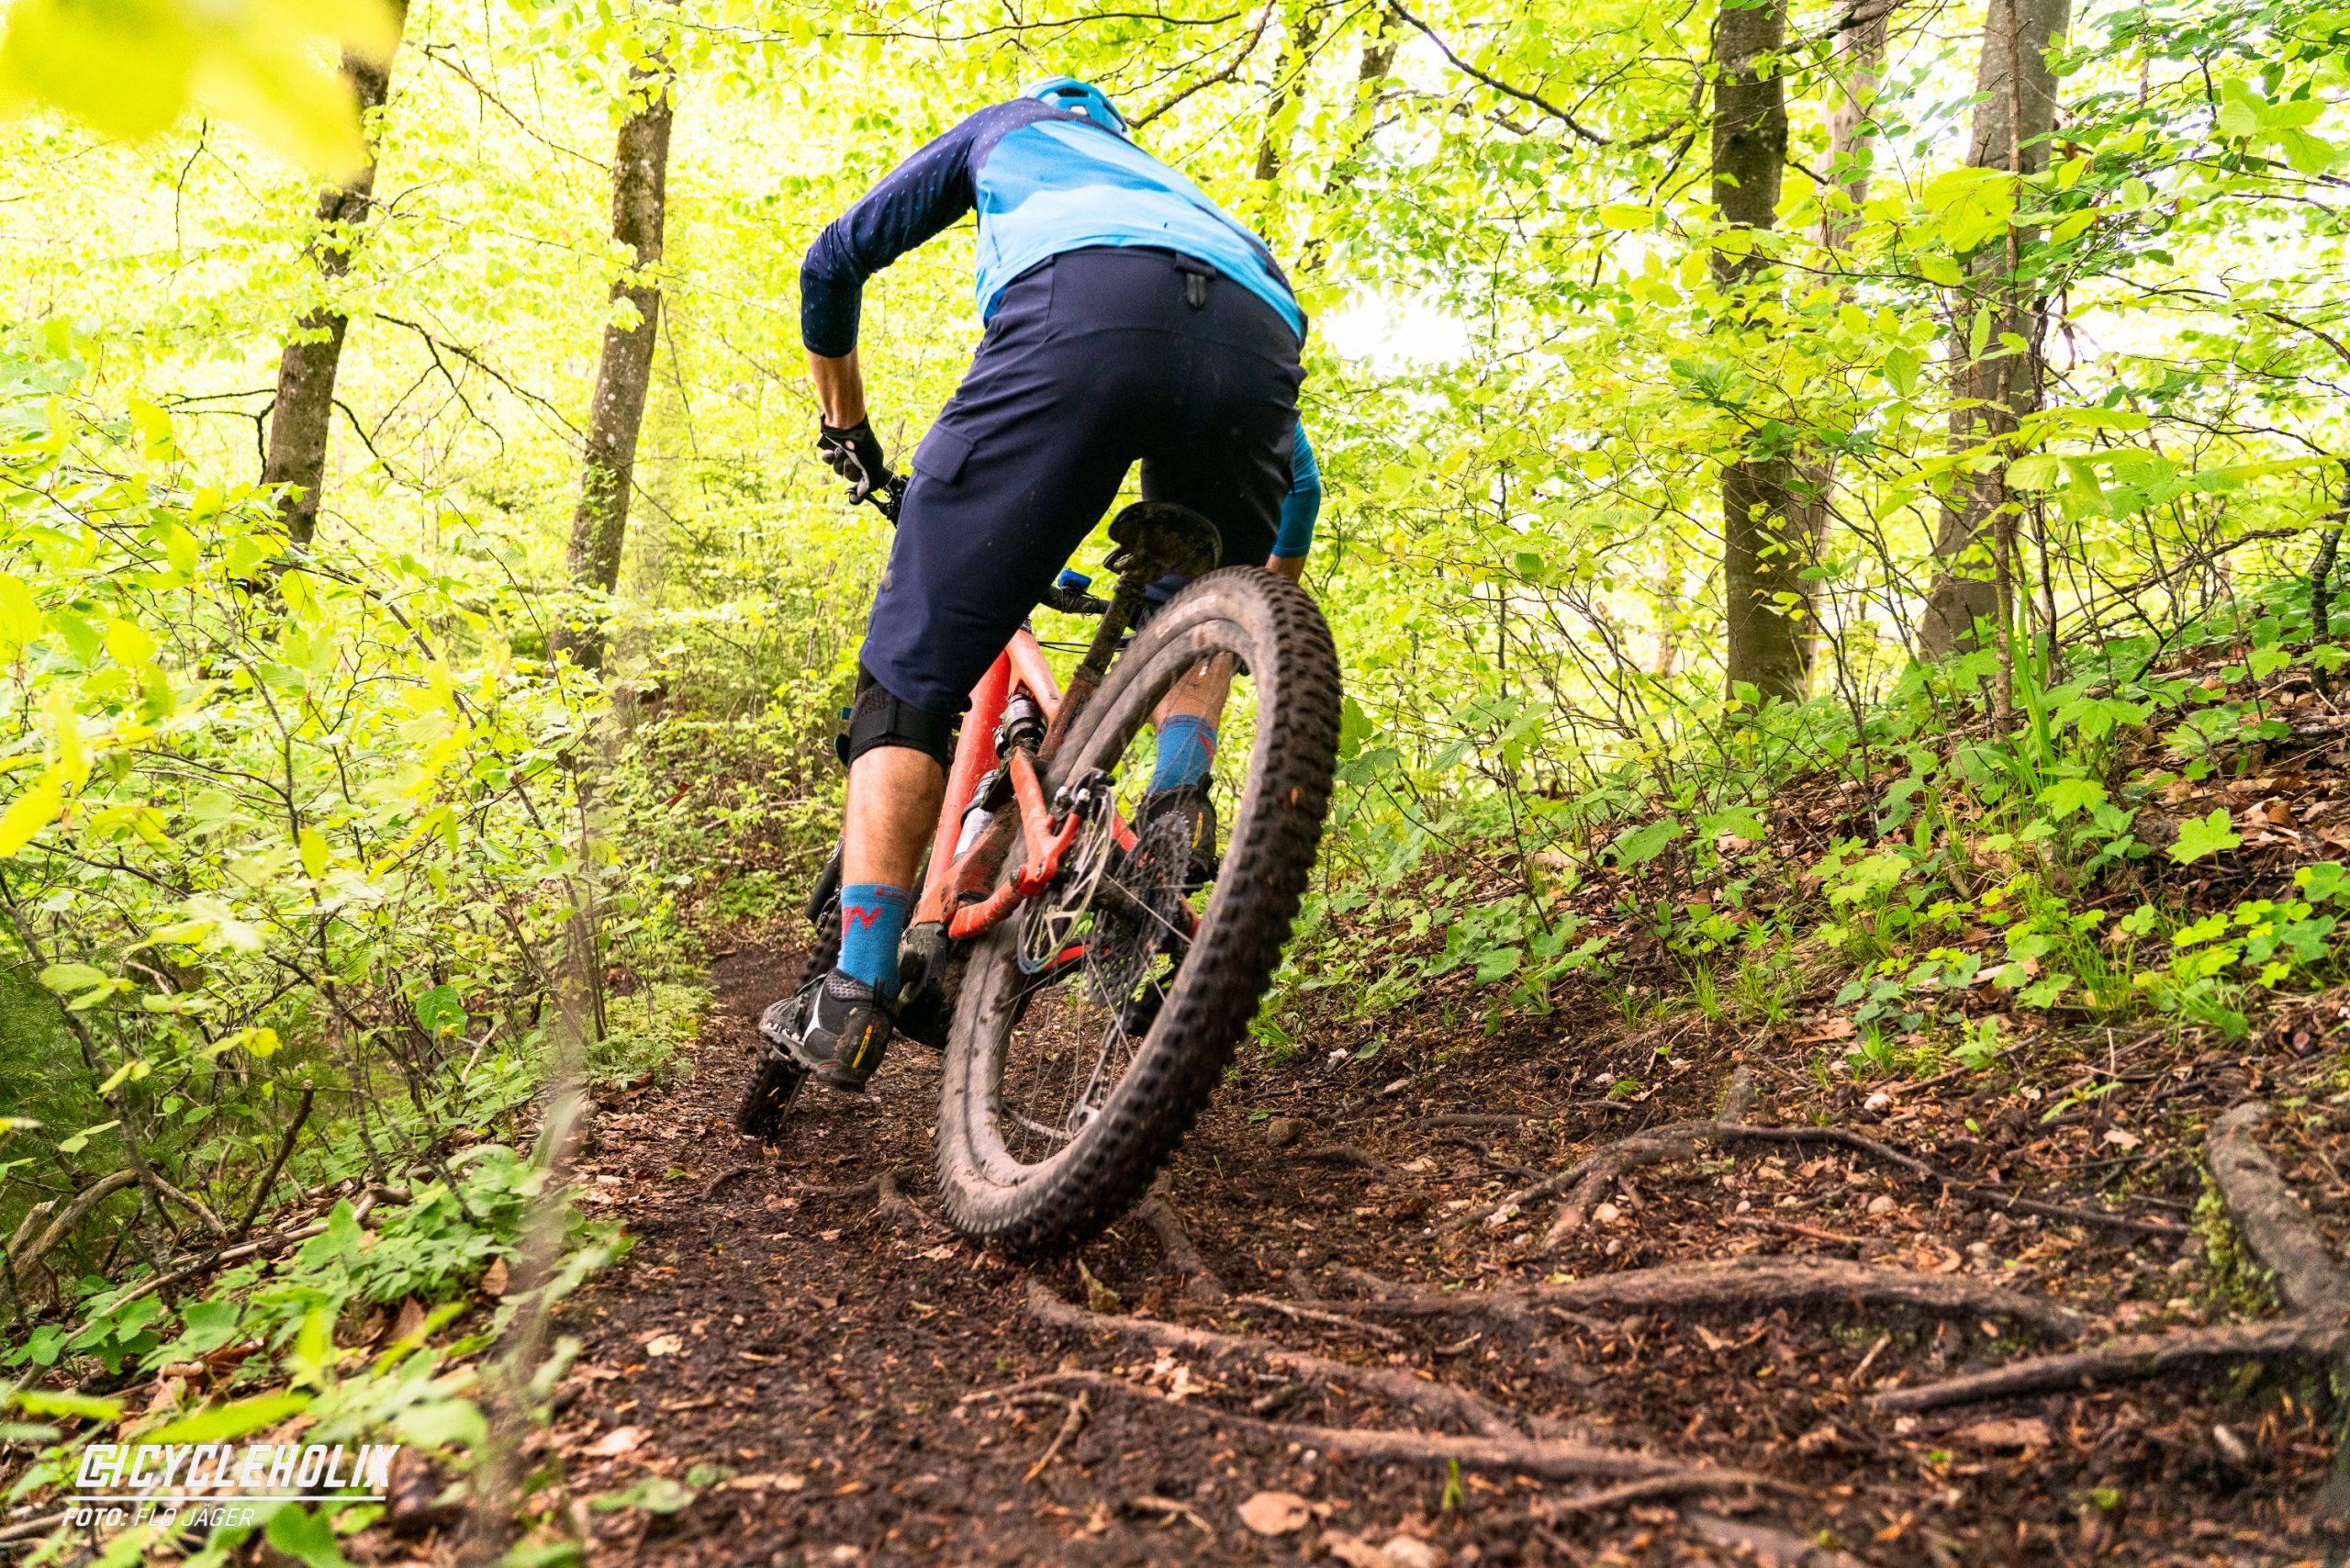 SpecializedTurboLevo Action 36 scaled Cycleholix